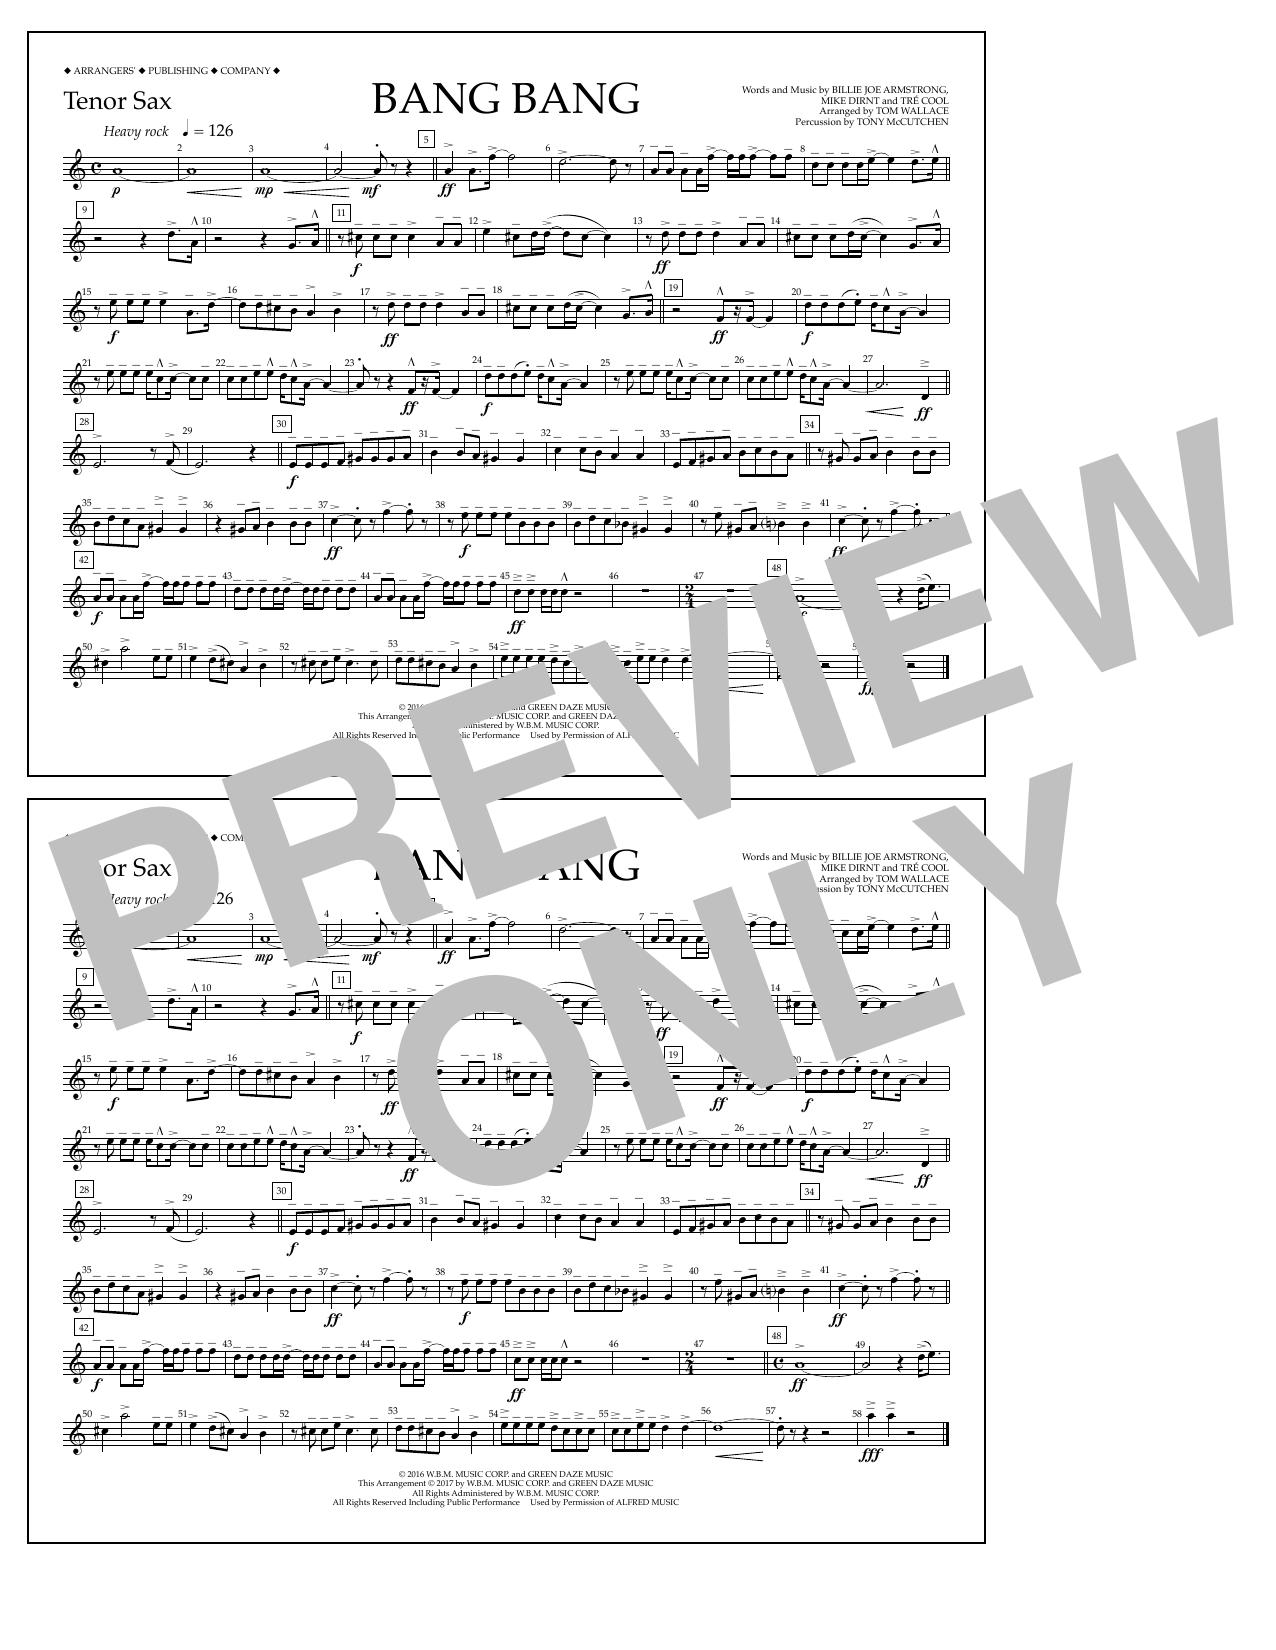 Bang Bang - Tenor Sax Sheet Music